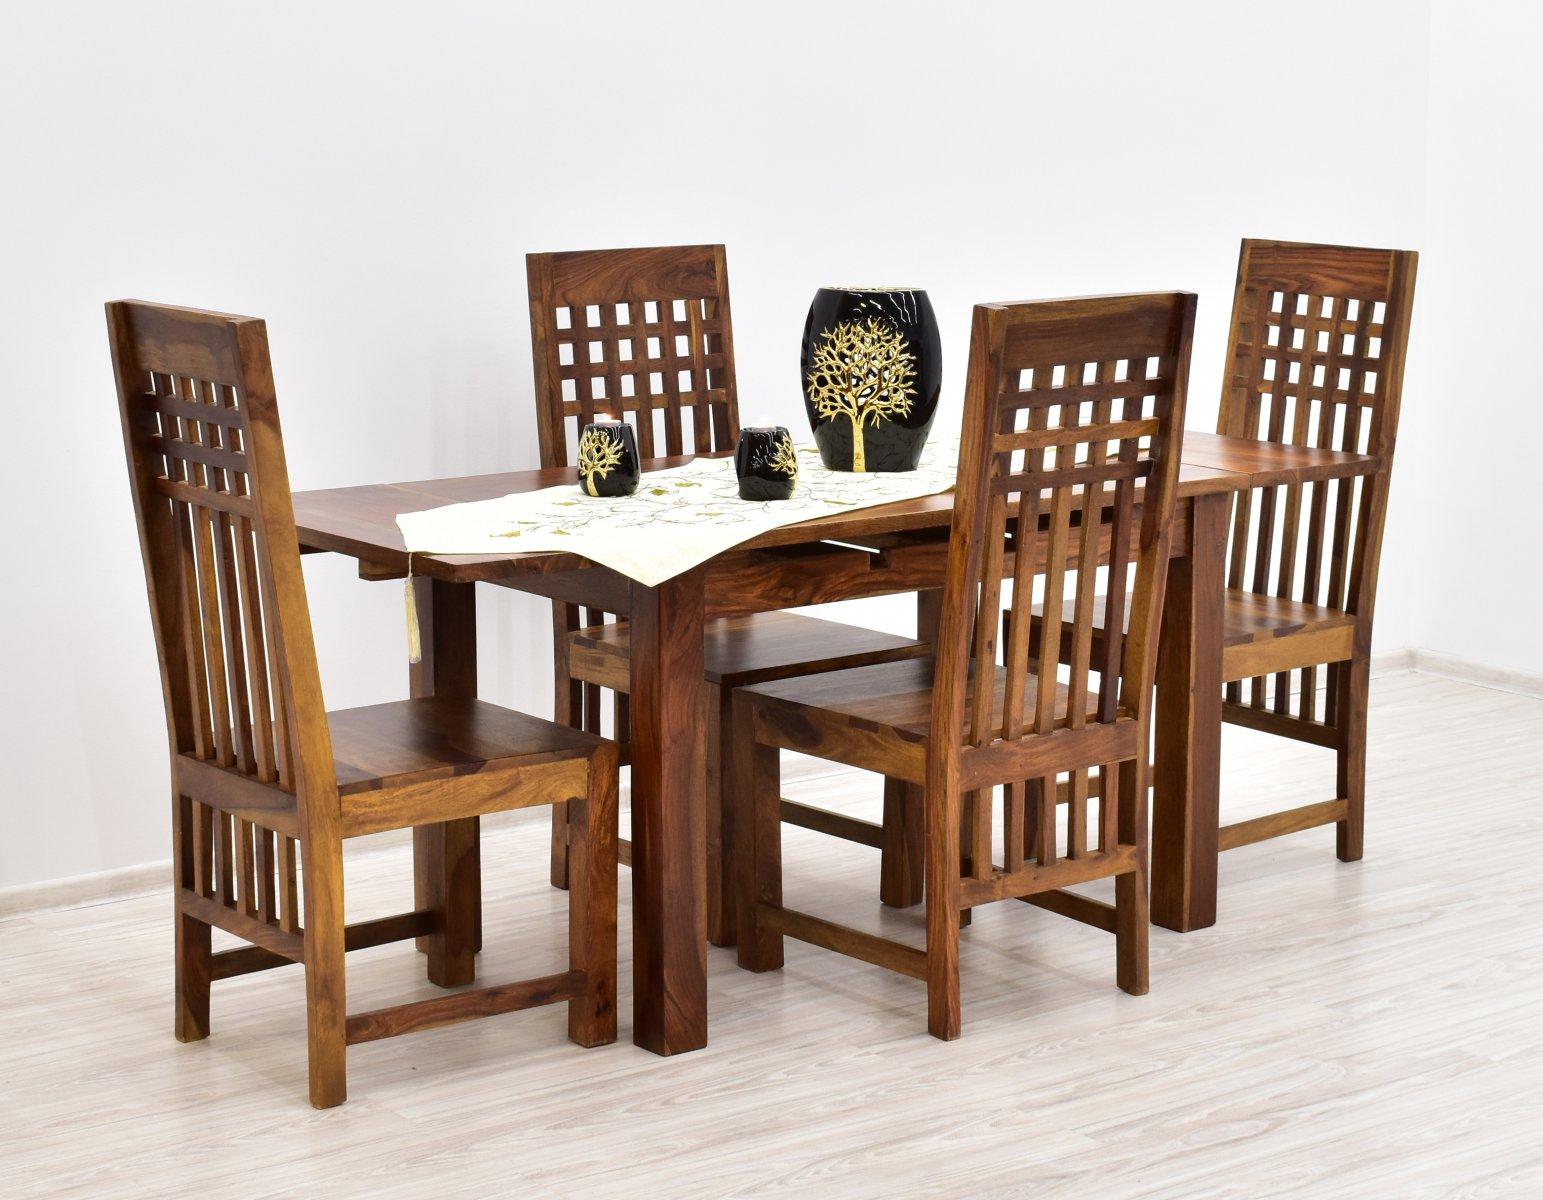 Komplet obiadowy kolonialny stół rozkładany + 4 krzesła lite drewno palisander indyjski jasny brąz